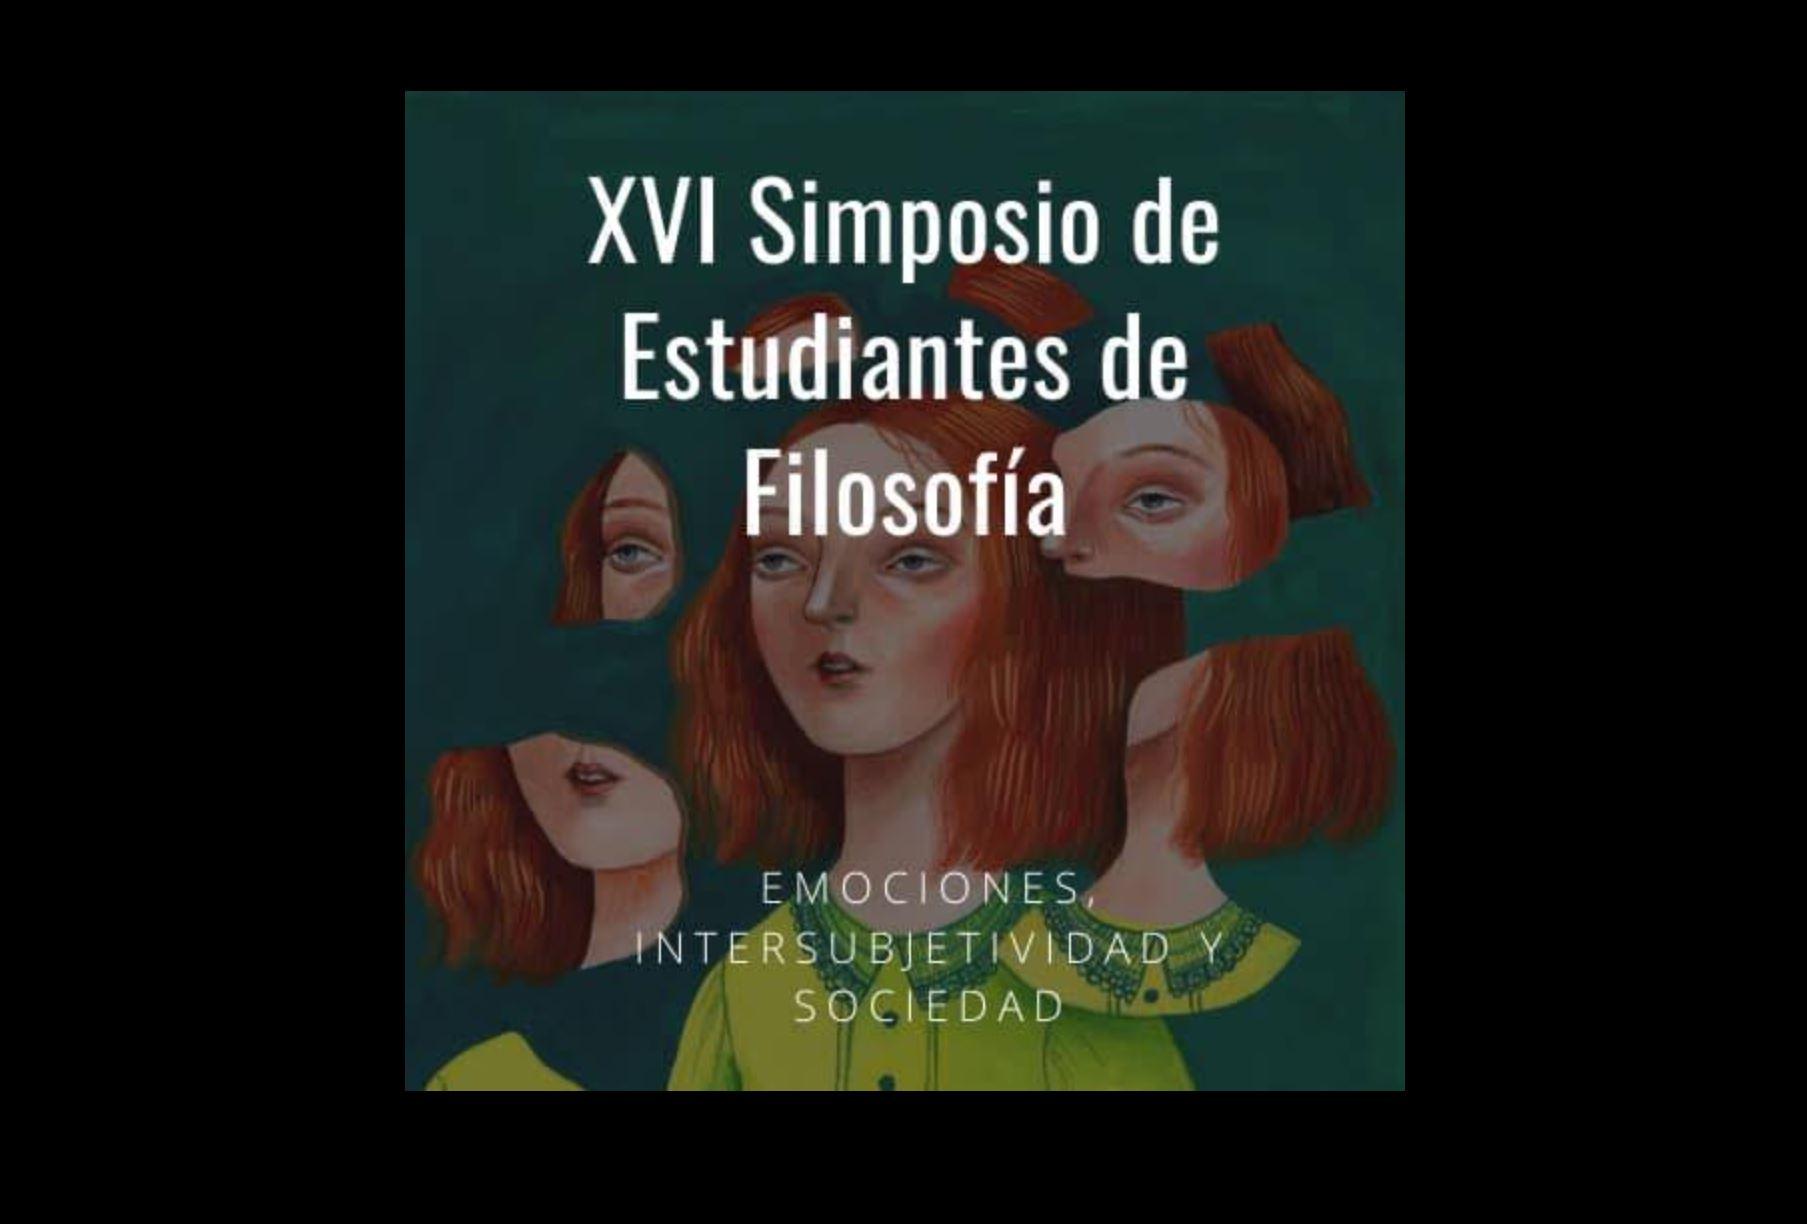 XVI Simposio de Estudiantes de Filosofía [videos]